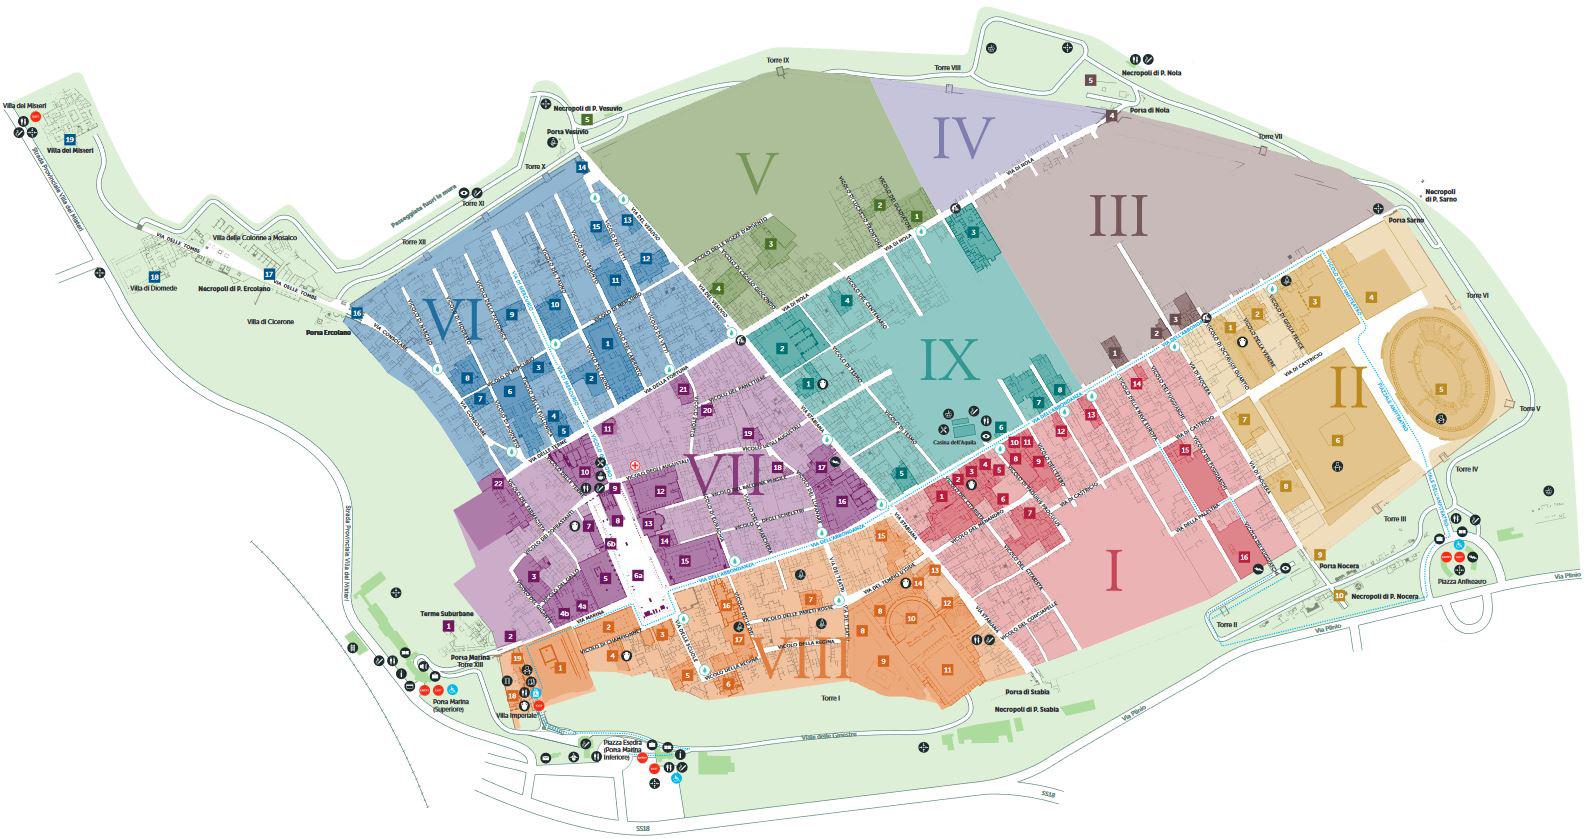 Cartina Pompei mappa per visitare gli scavi archeologici